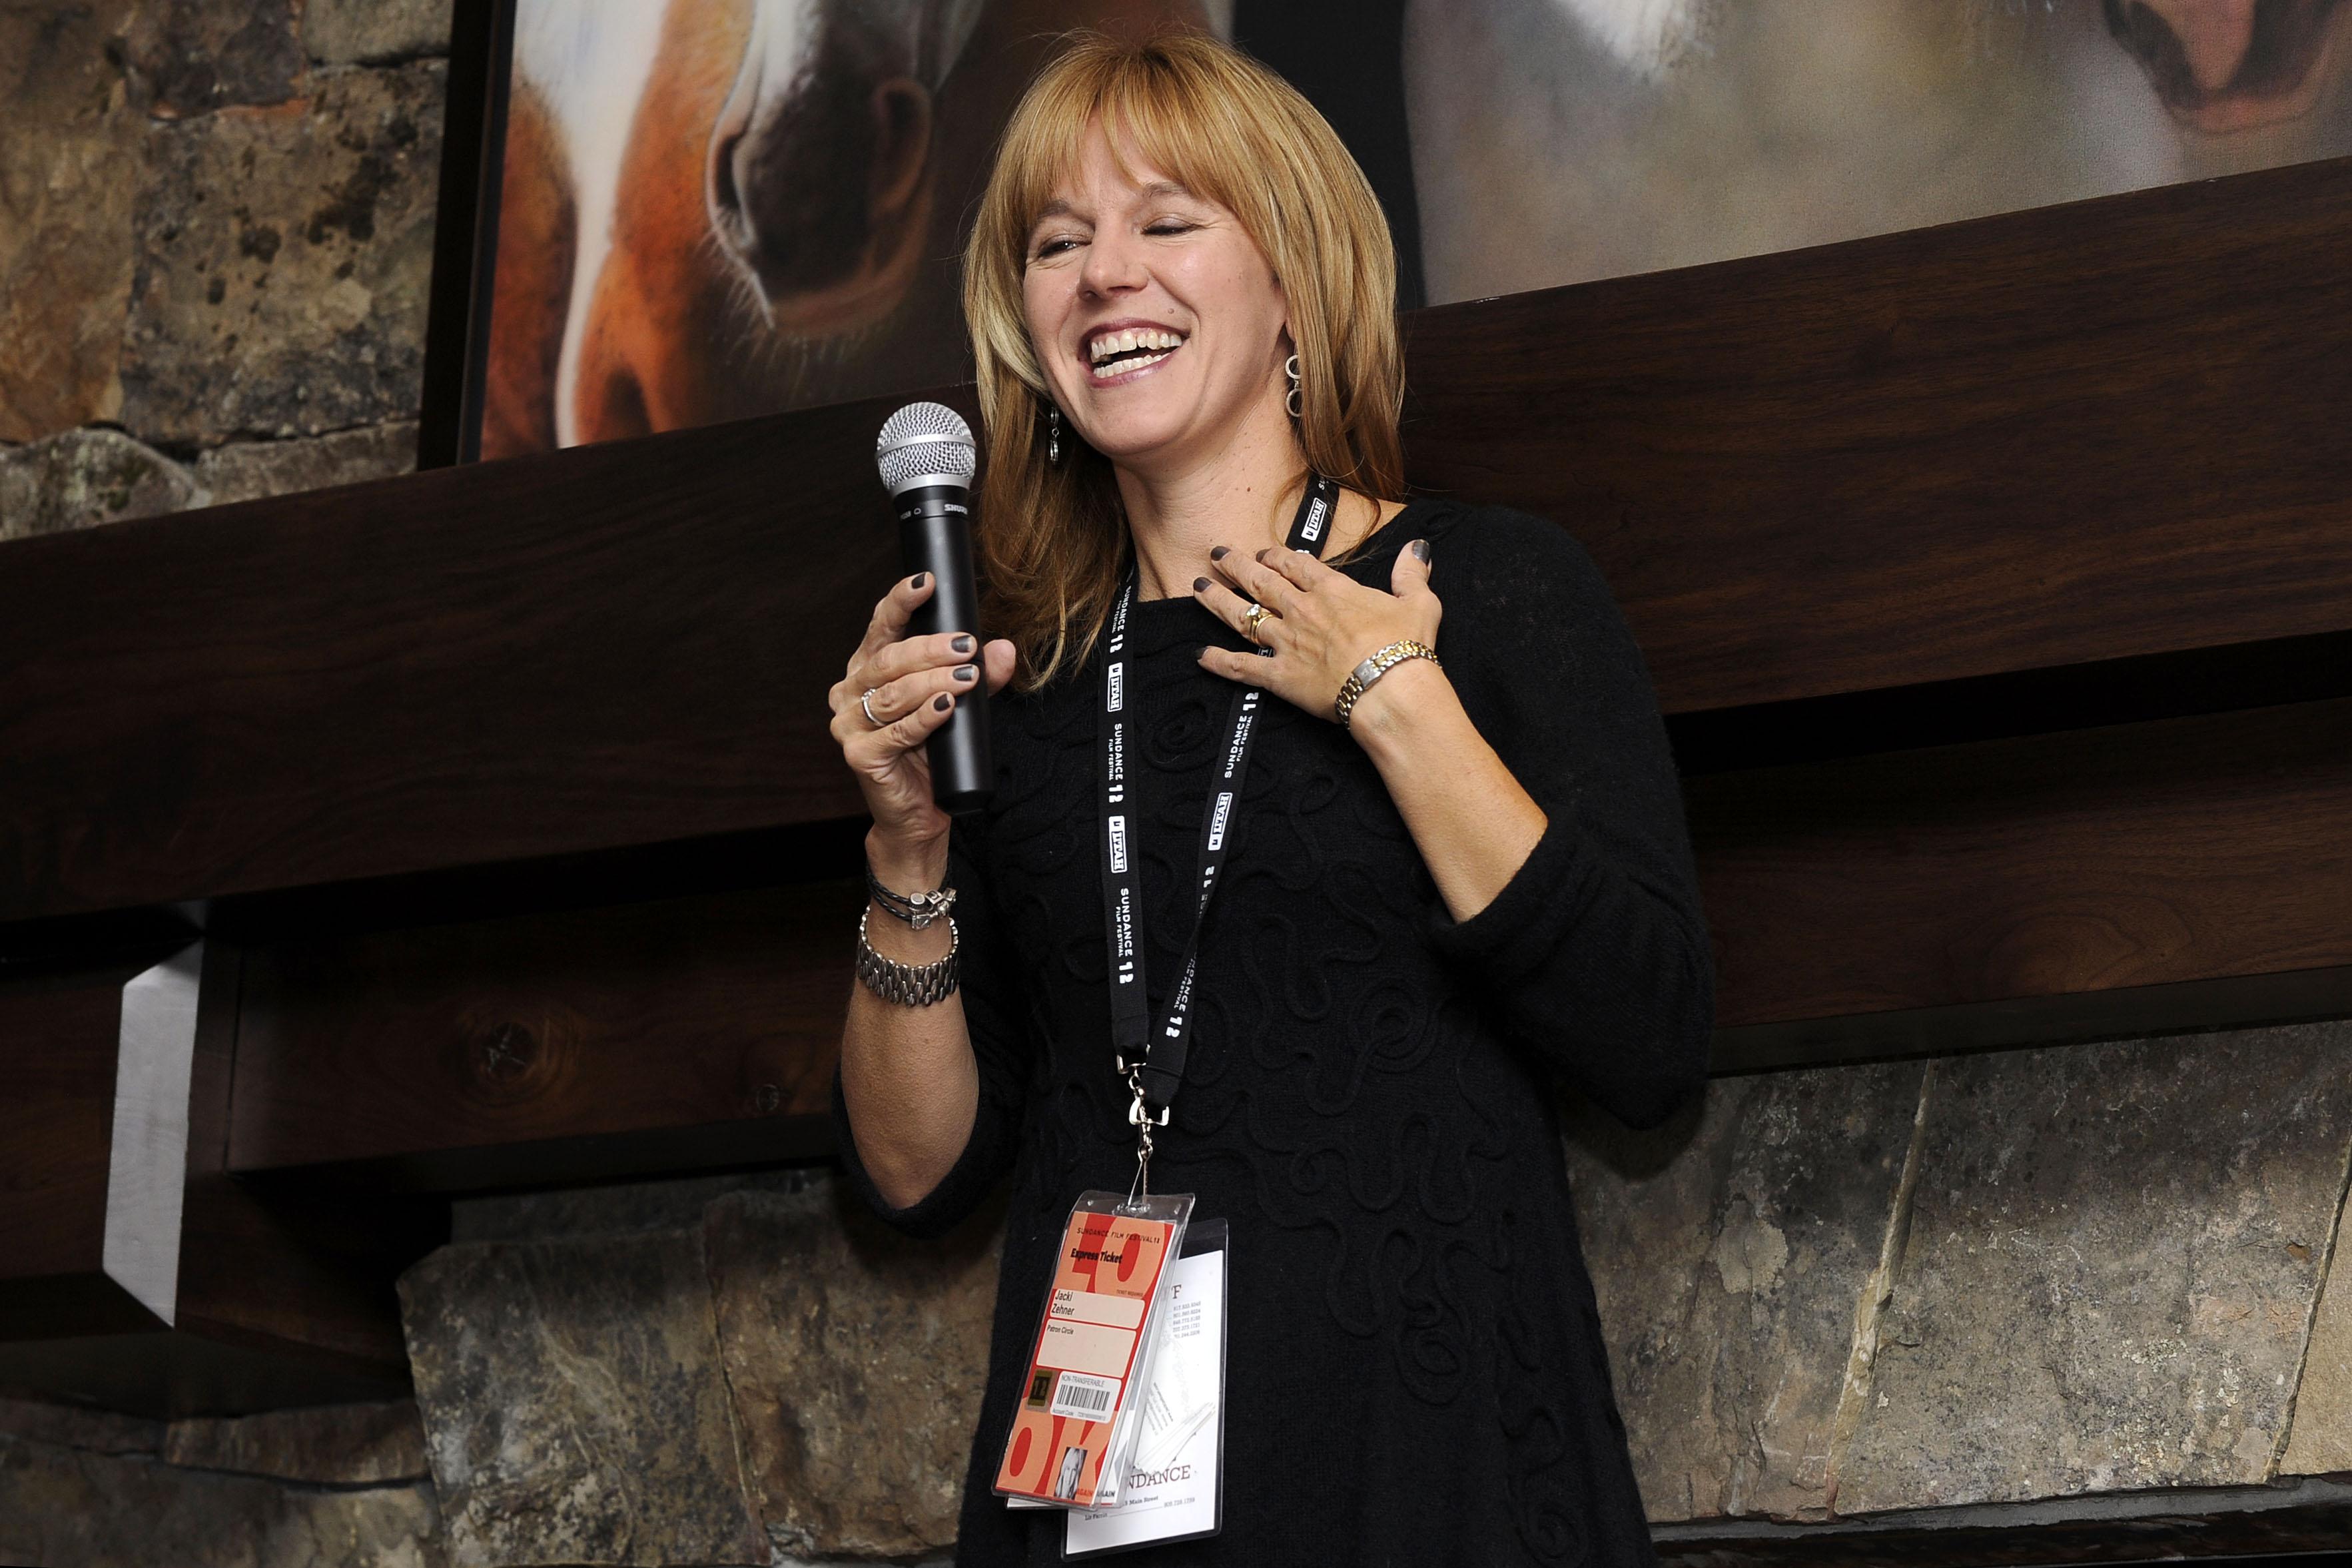 Women At Sundance Brunch - 2012 Sundance Film Festival